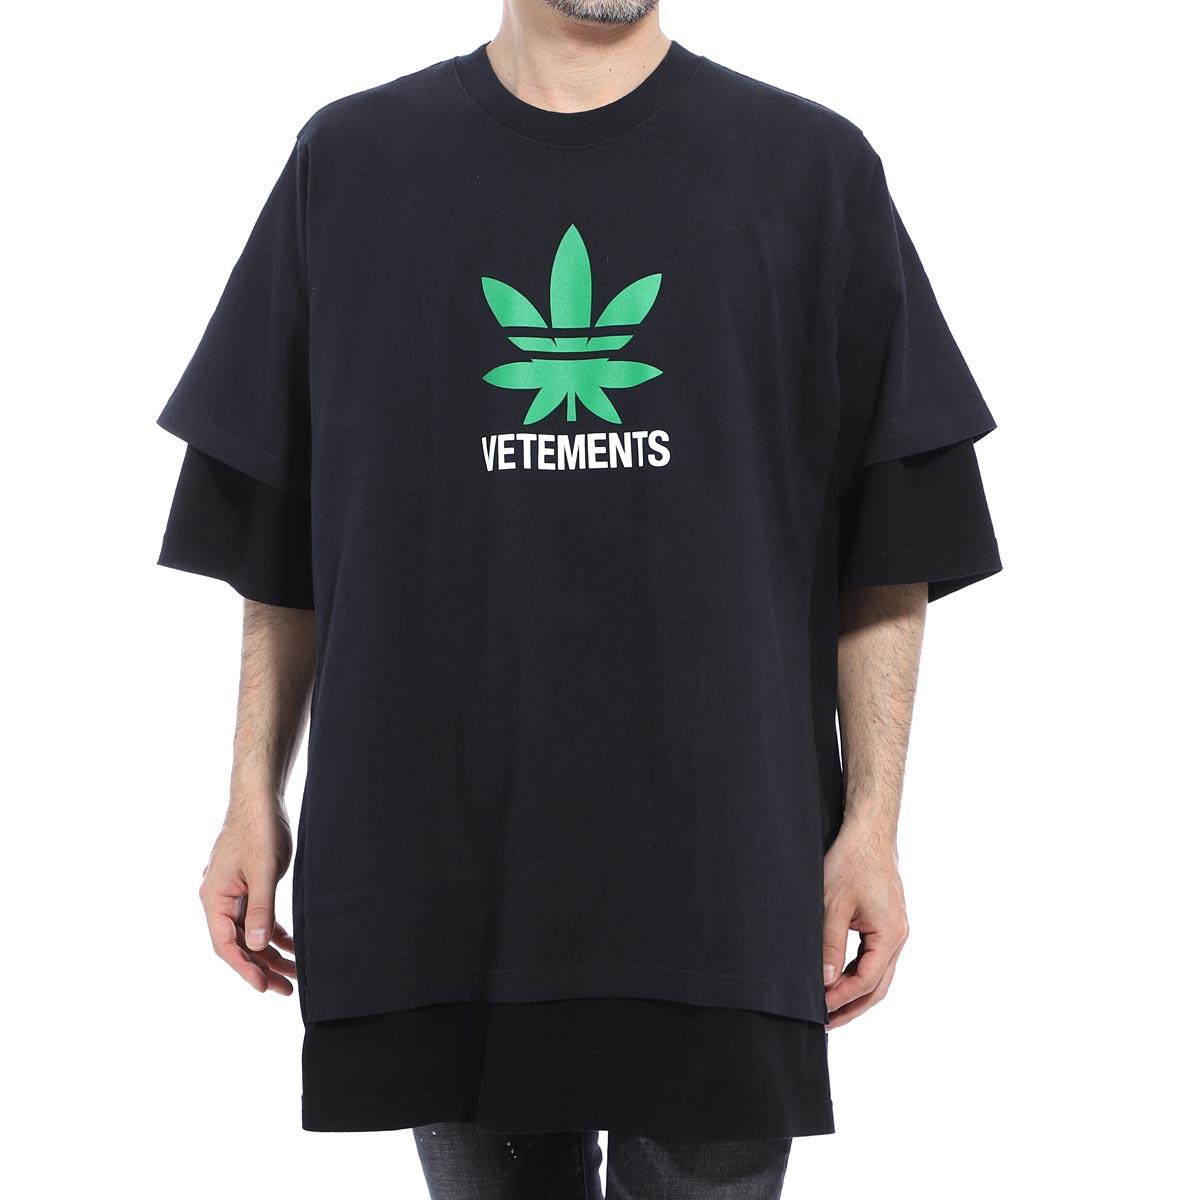 ヴェトモン VETEMENTS クルーネックTシャツ ブラック メンズ tr215 black black DOUBLE T-SHIRT MARIA【あす楽対応_関東】【返品送料無料】【ラッピング無料】